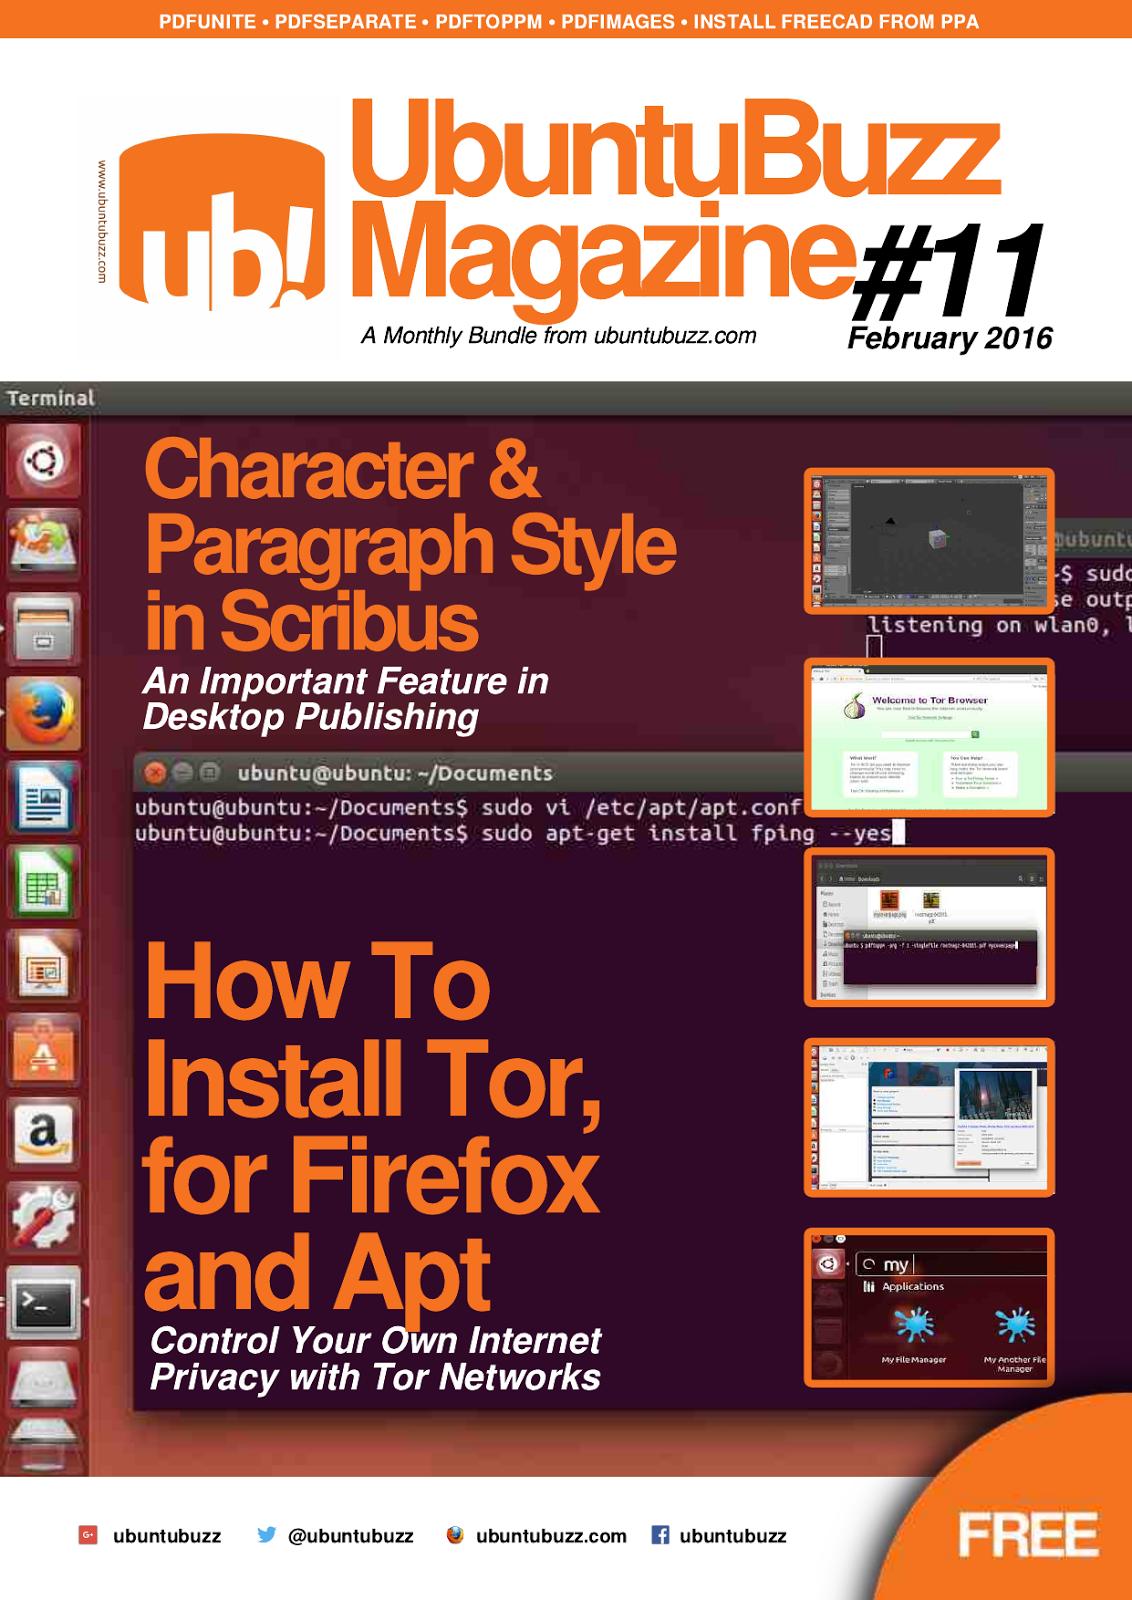 UbuntuBuzz Magazine #11 - Converting PDF